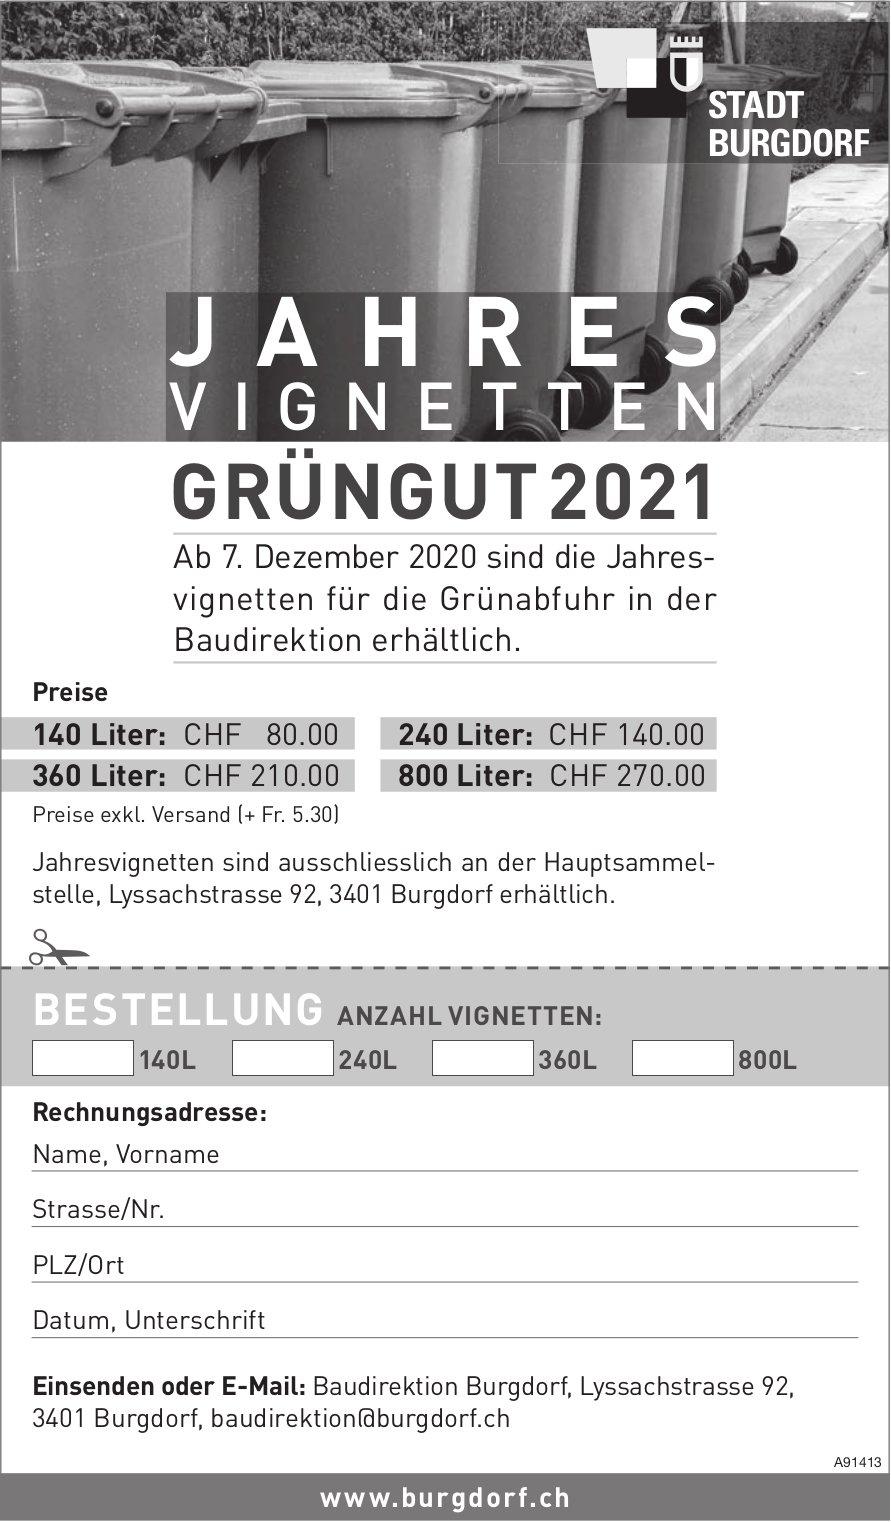 Stadt, Burgdorf - Jahresvignetten Grüngut 2021